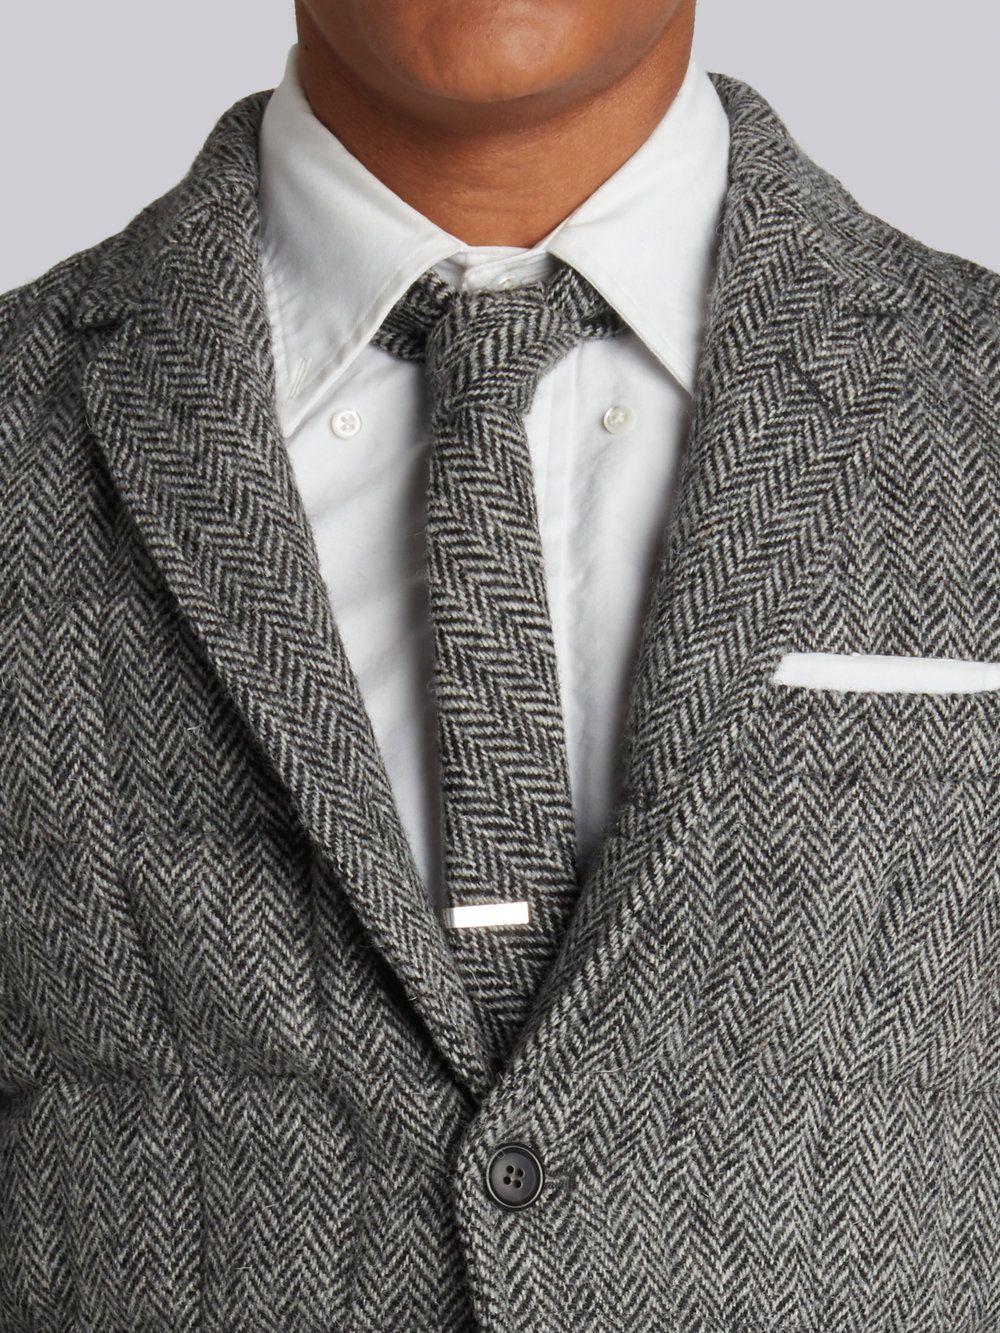 19c1df743144 Herringbone Tie - Thom Browne